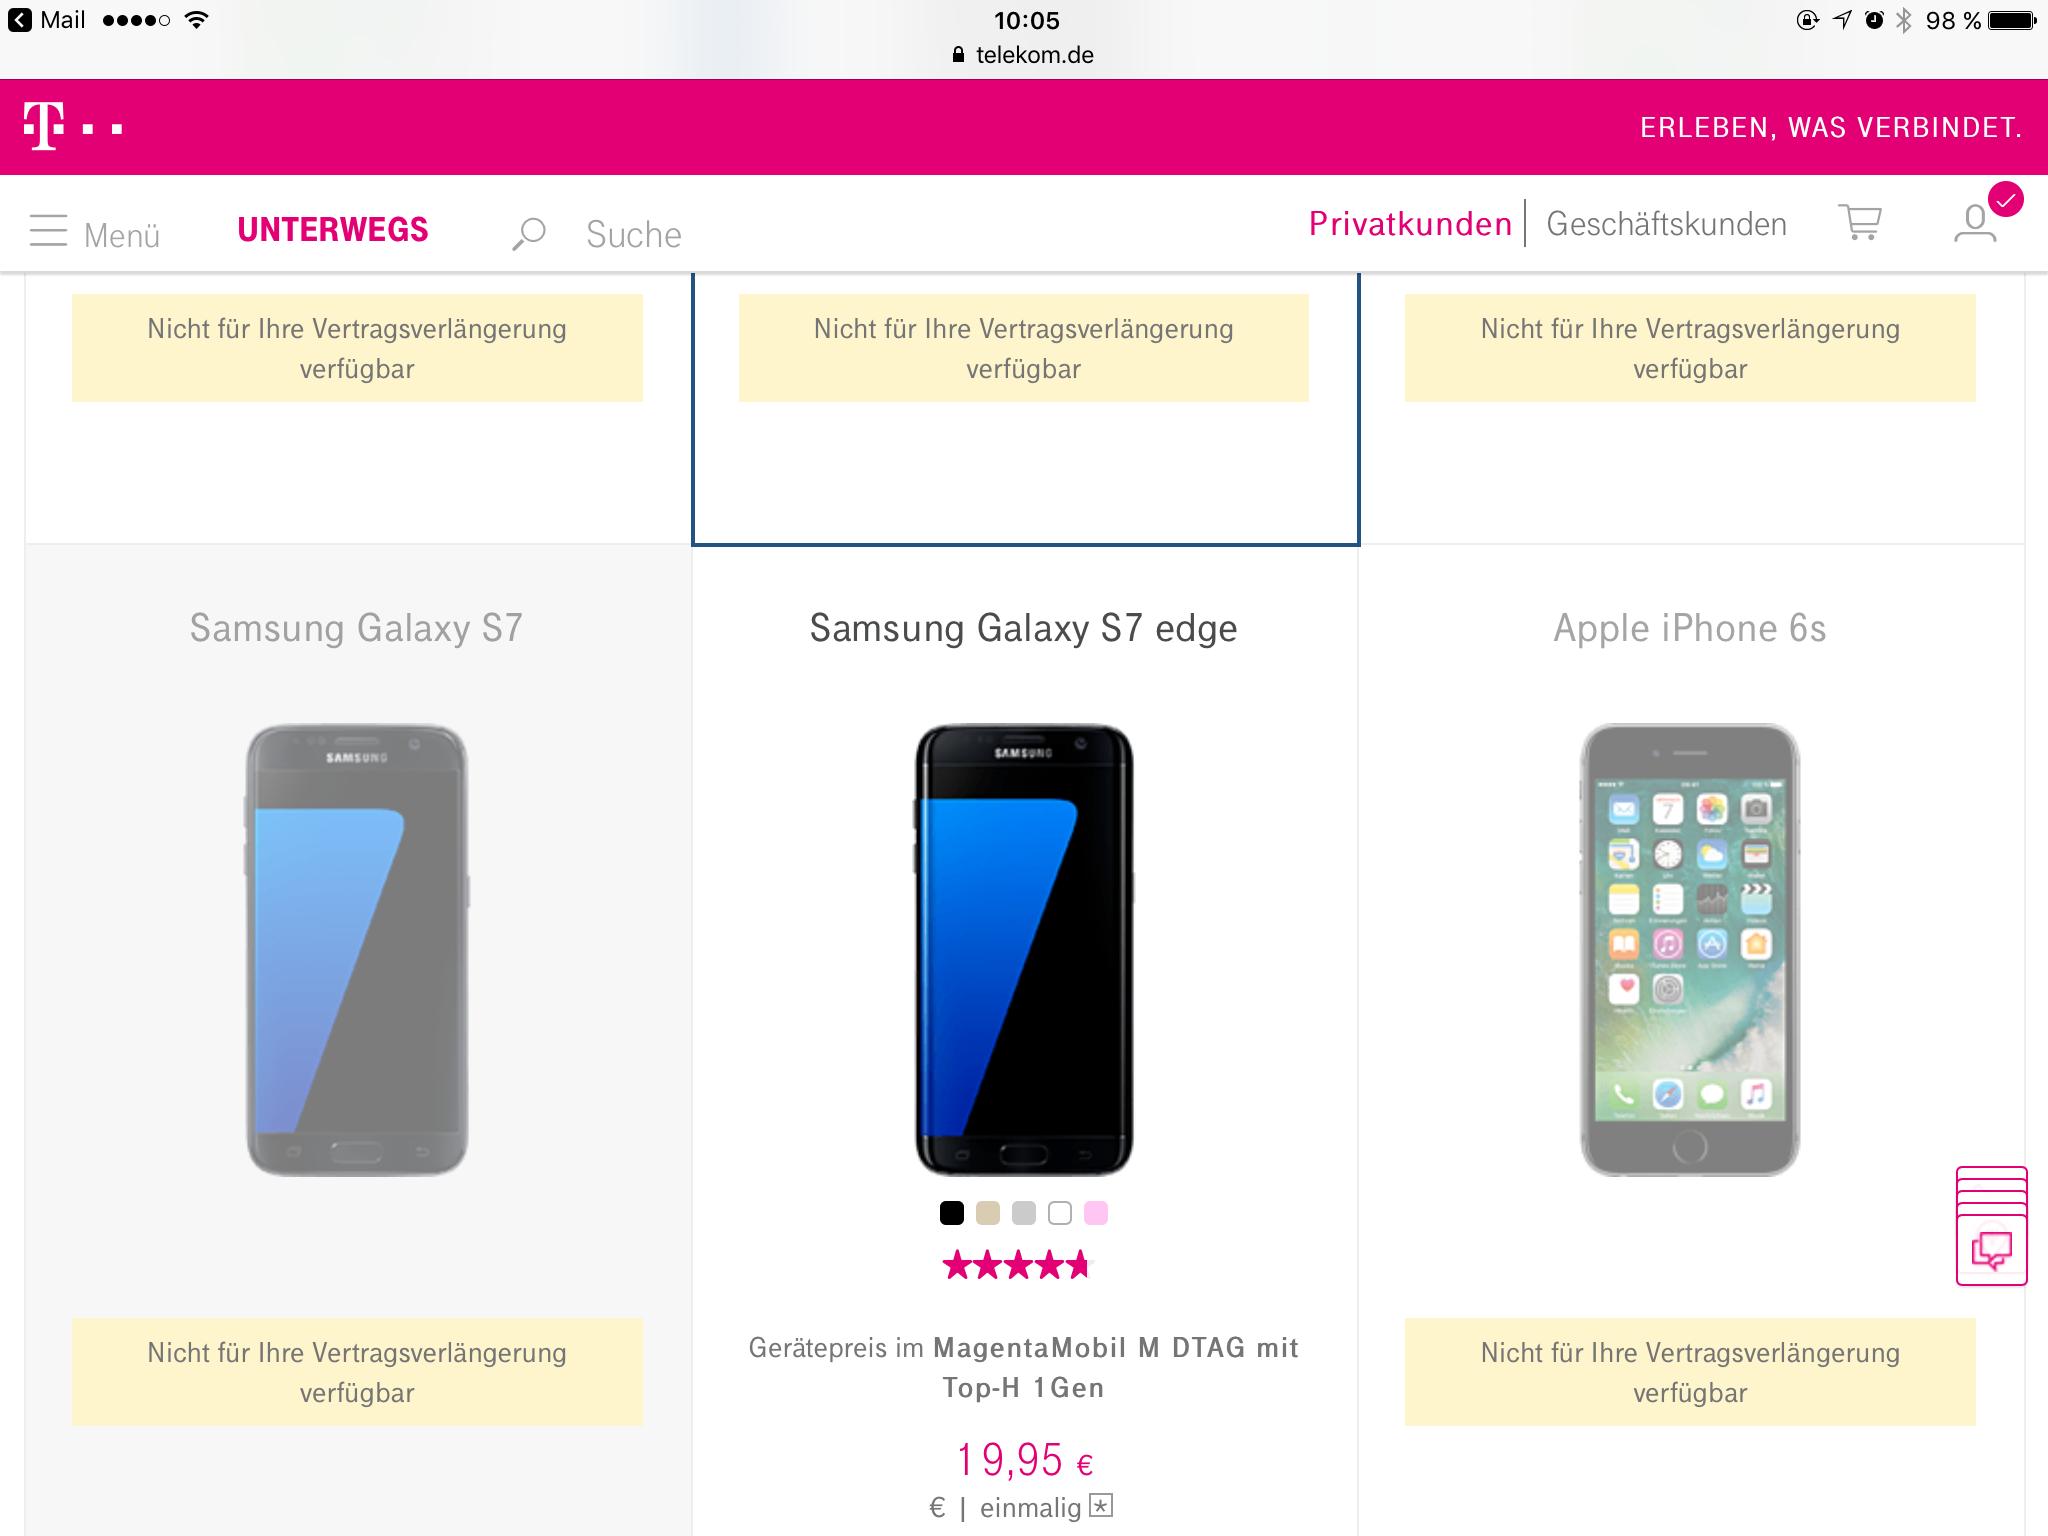 Gelöst Community Smartphone Nicht Für Ihre Vertragsverlängerung